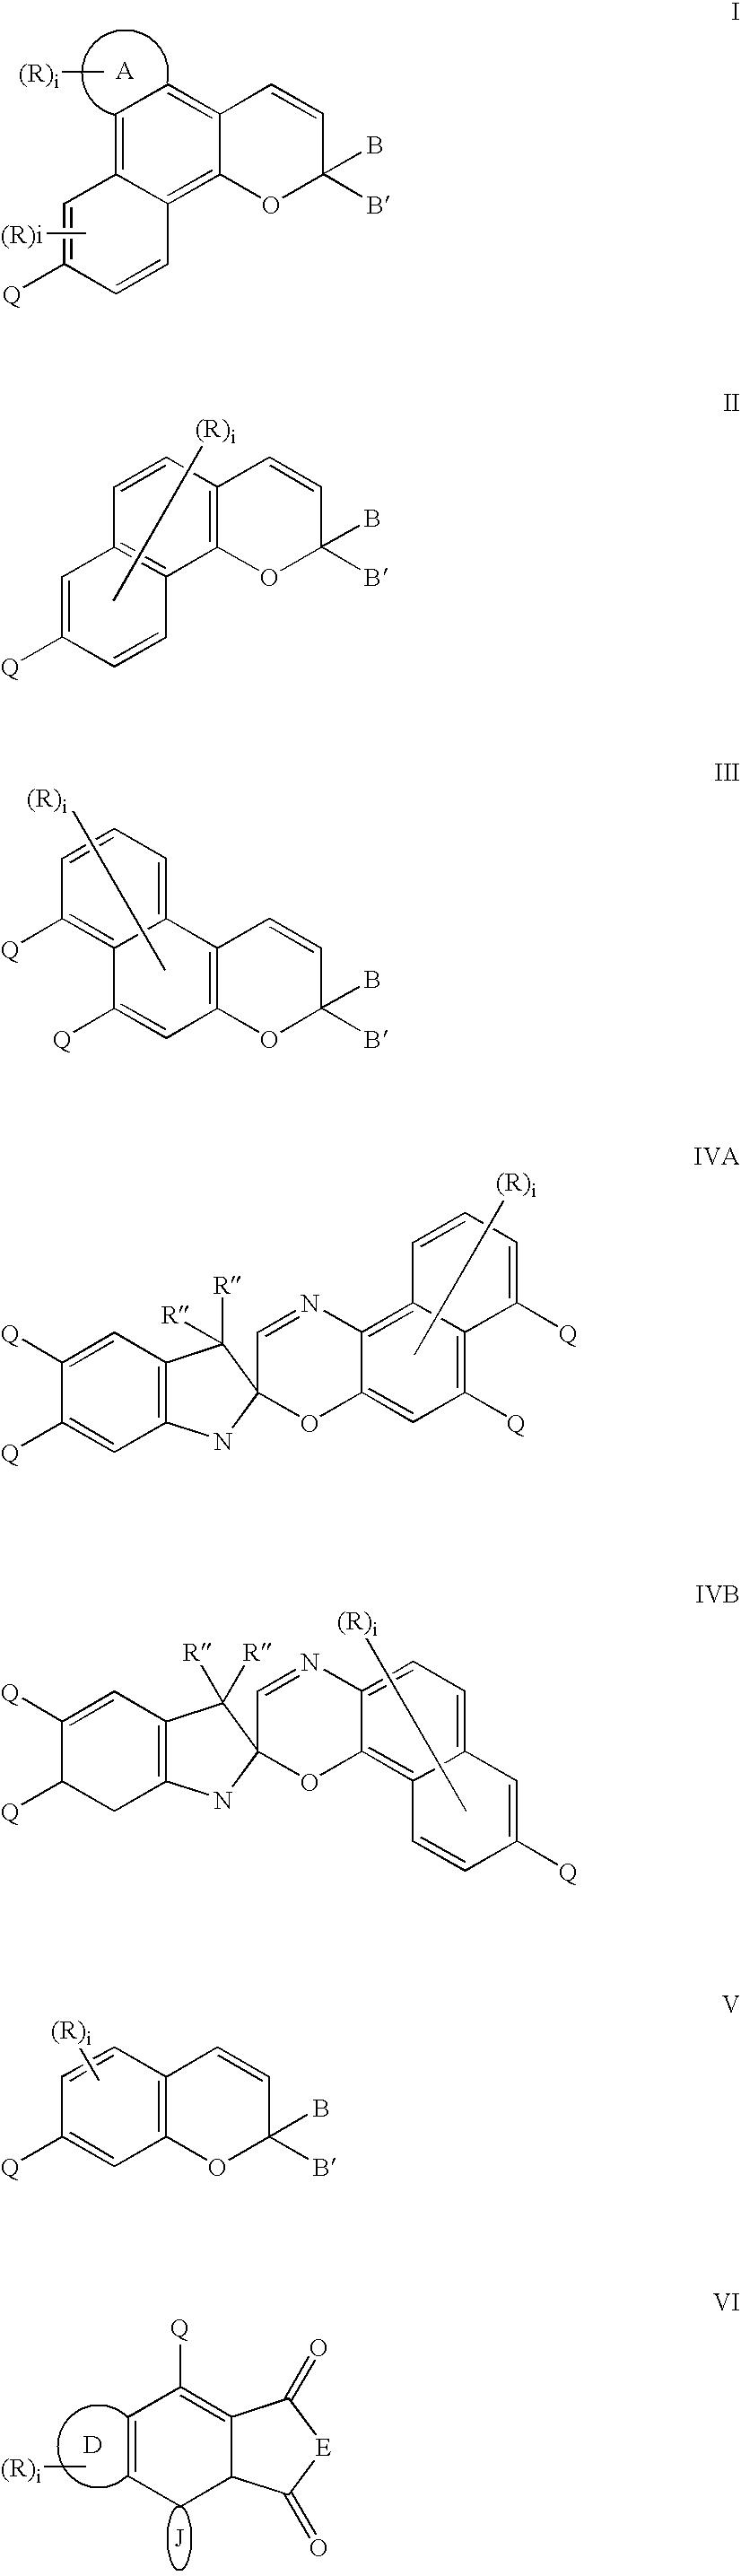 Figure US20090309076A1-20091217-C00054